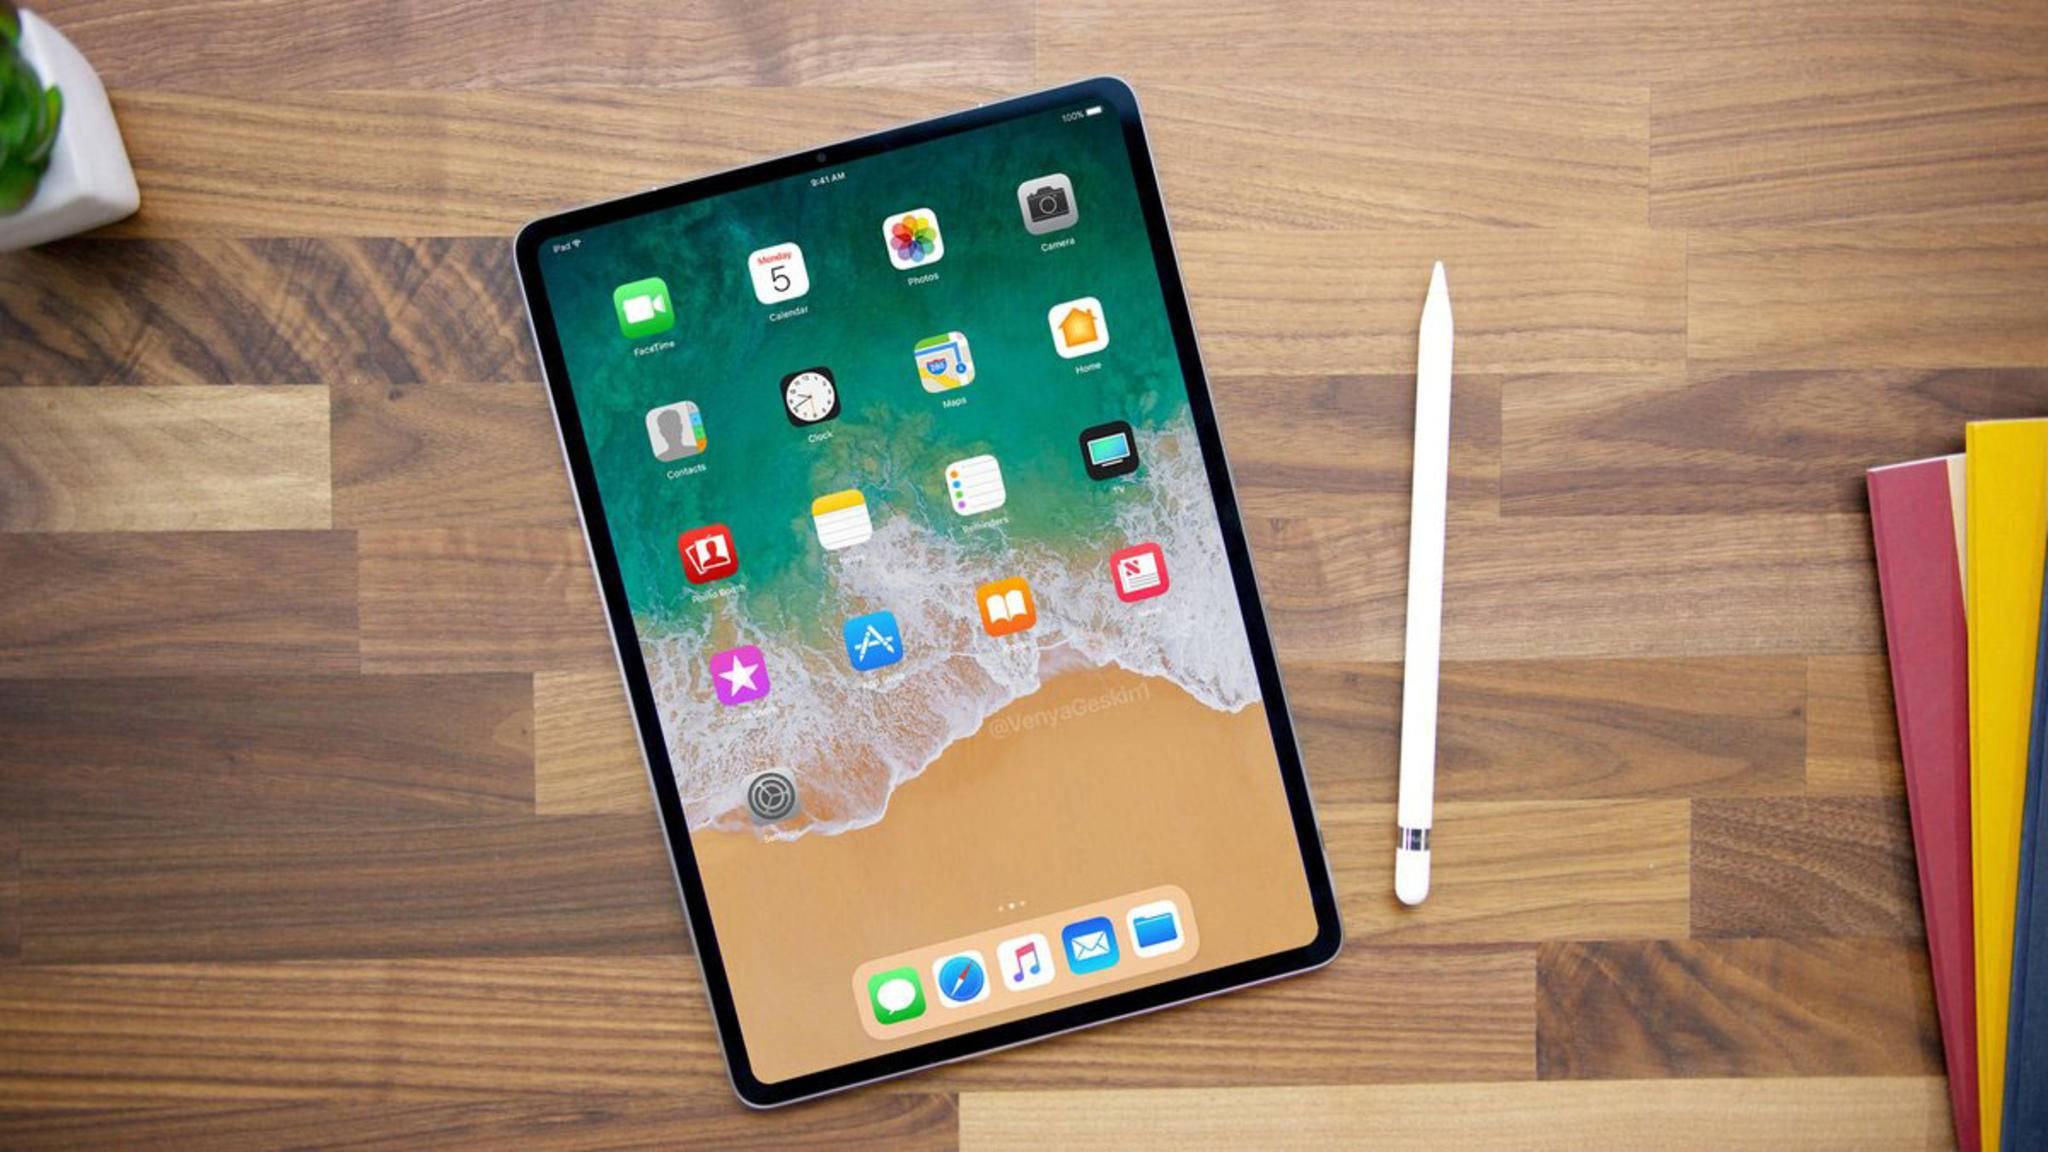 Das iPad Pro 2018 wird wohl einen USB-C-Anschluss besitzen.